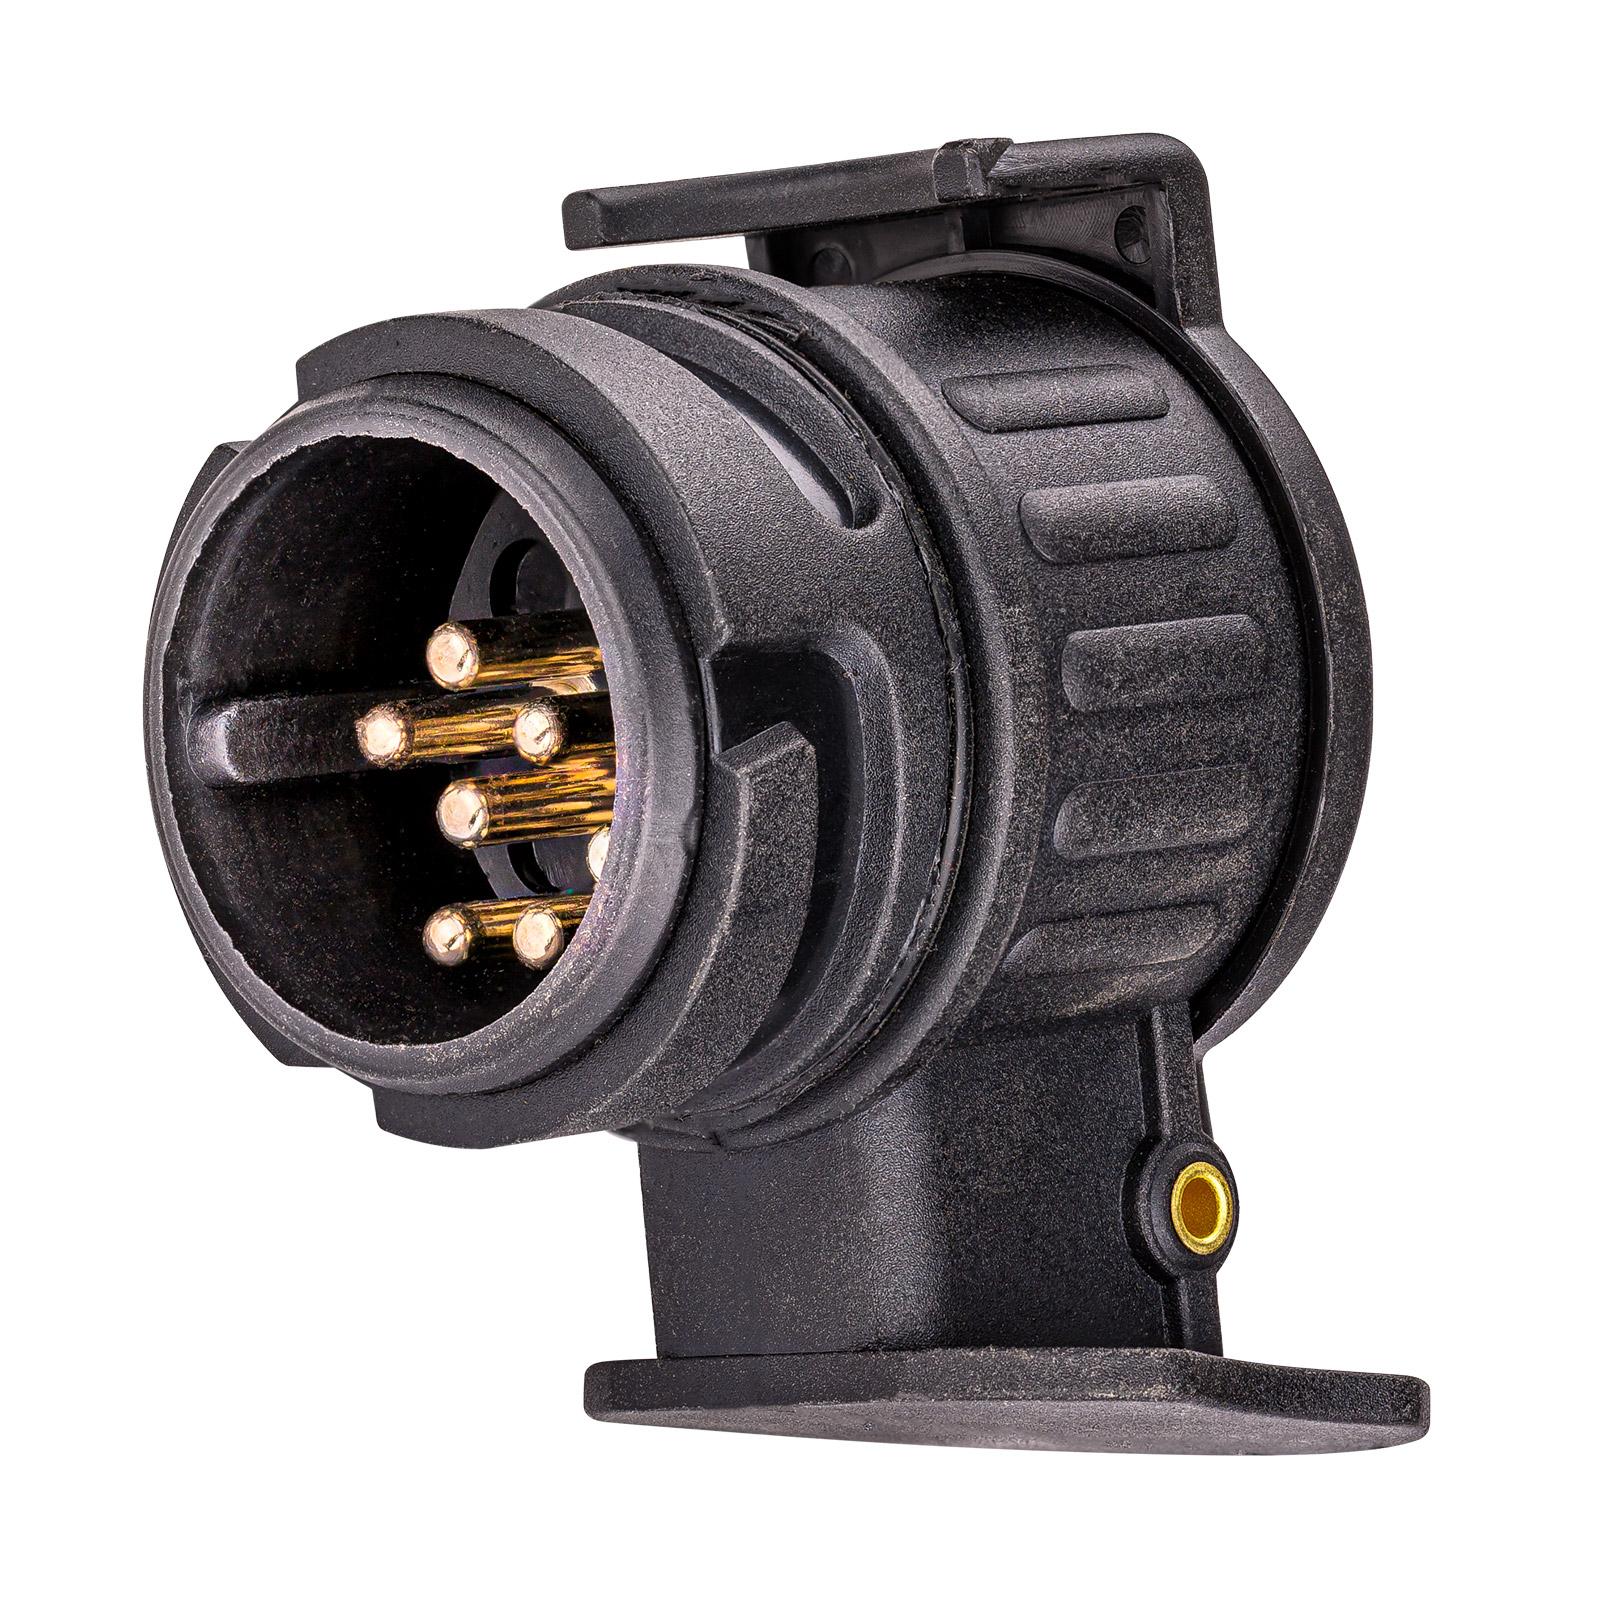 dema PKW Anhänger Anhängerzubehör Adapter kurz 13 auf 7 polig 50 mm 69092